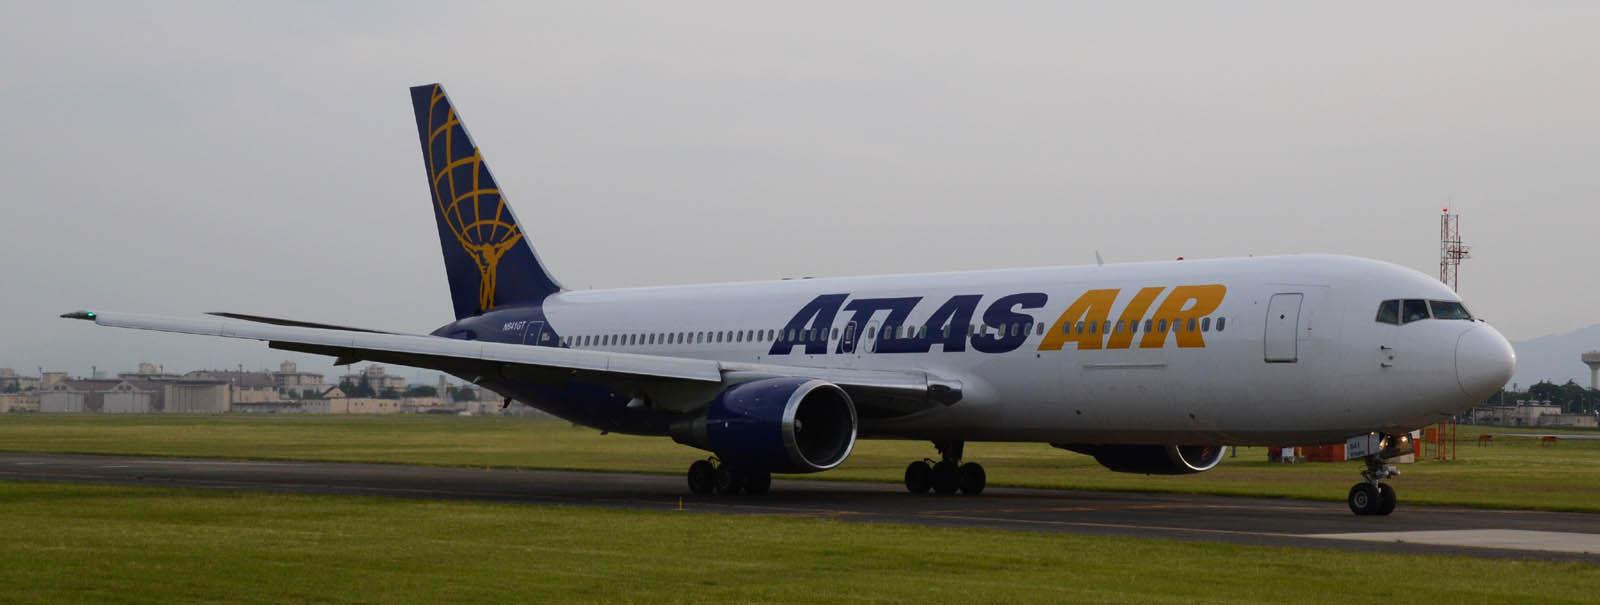 Atlas130518g668